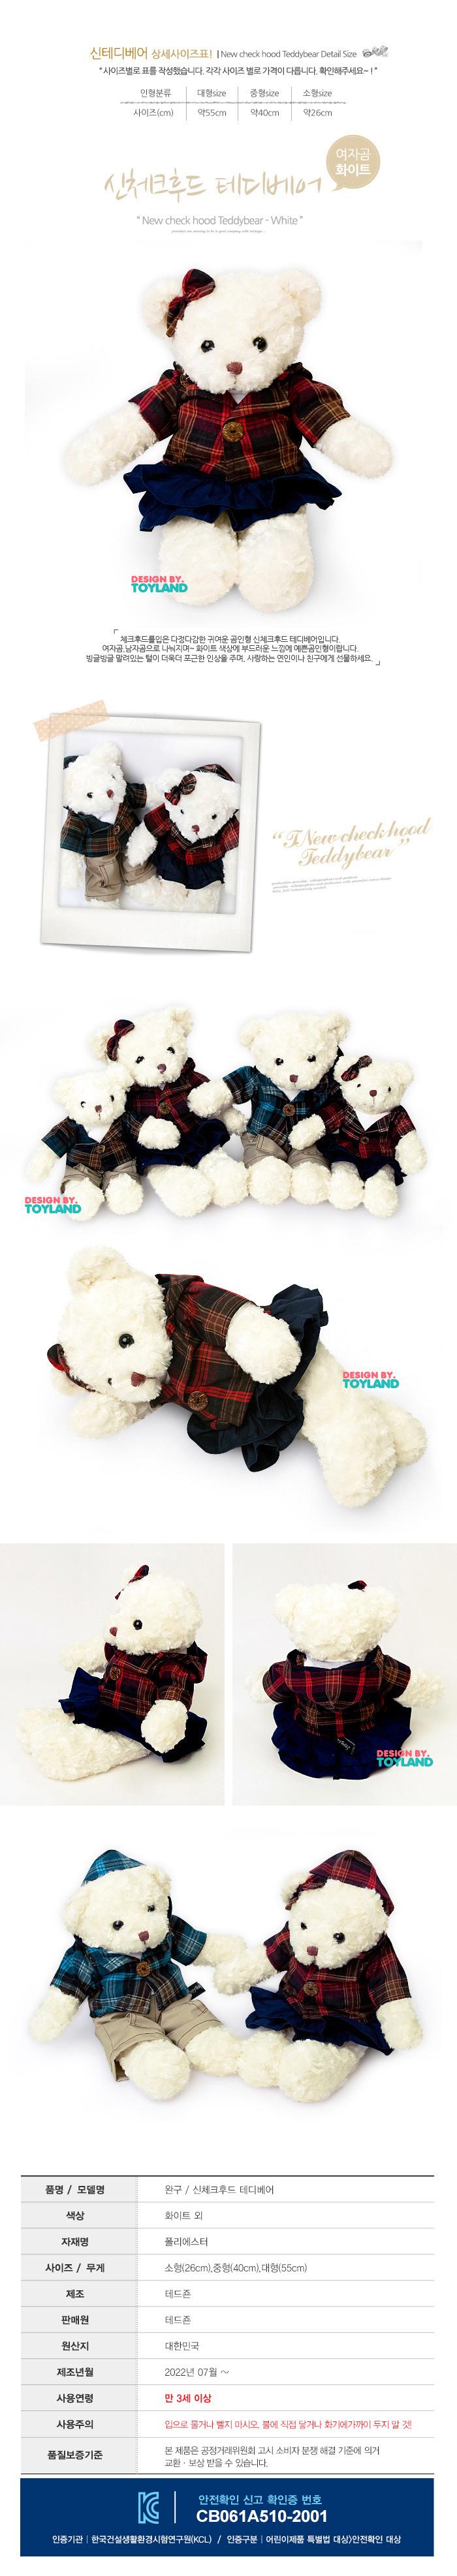 신체크후드 테디베어 녹음인형-여자곰(화이트) - 누리토이즈, 30,000원, 캐릭터인형, 테디베어